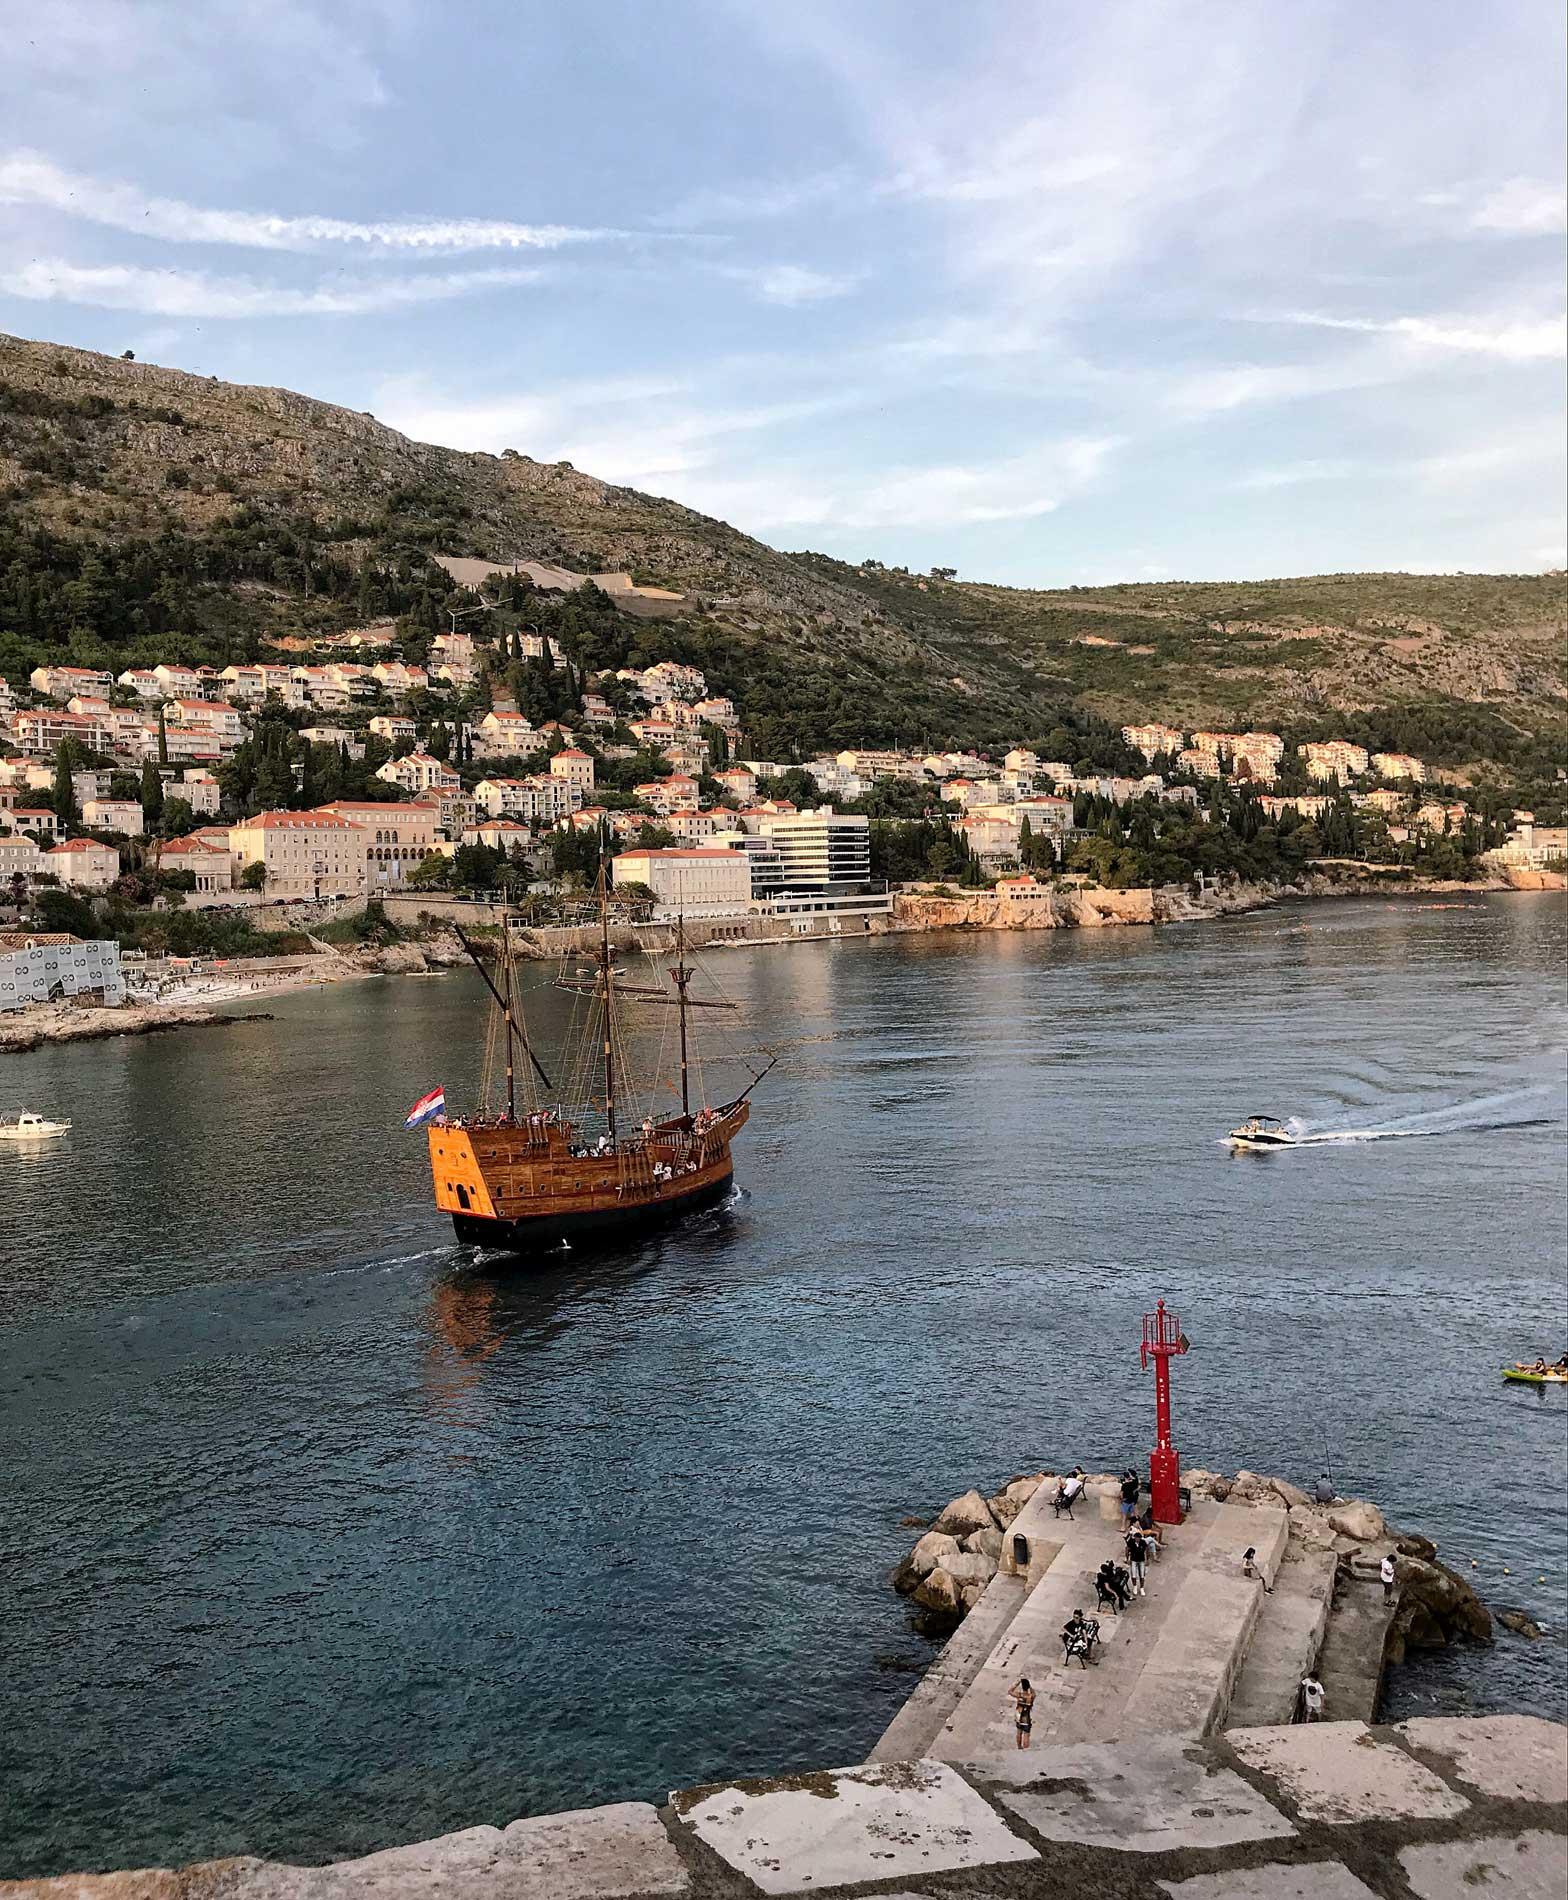 Dubrovnik-Croazia-vista-dalle-mura-galeone-porto-vecchio